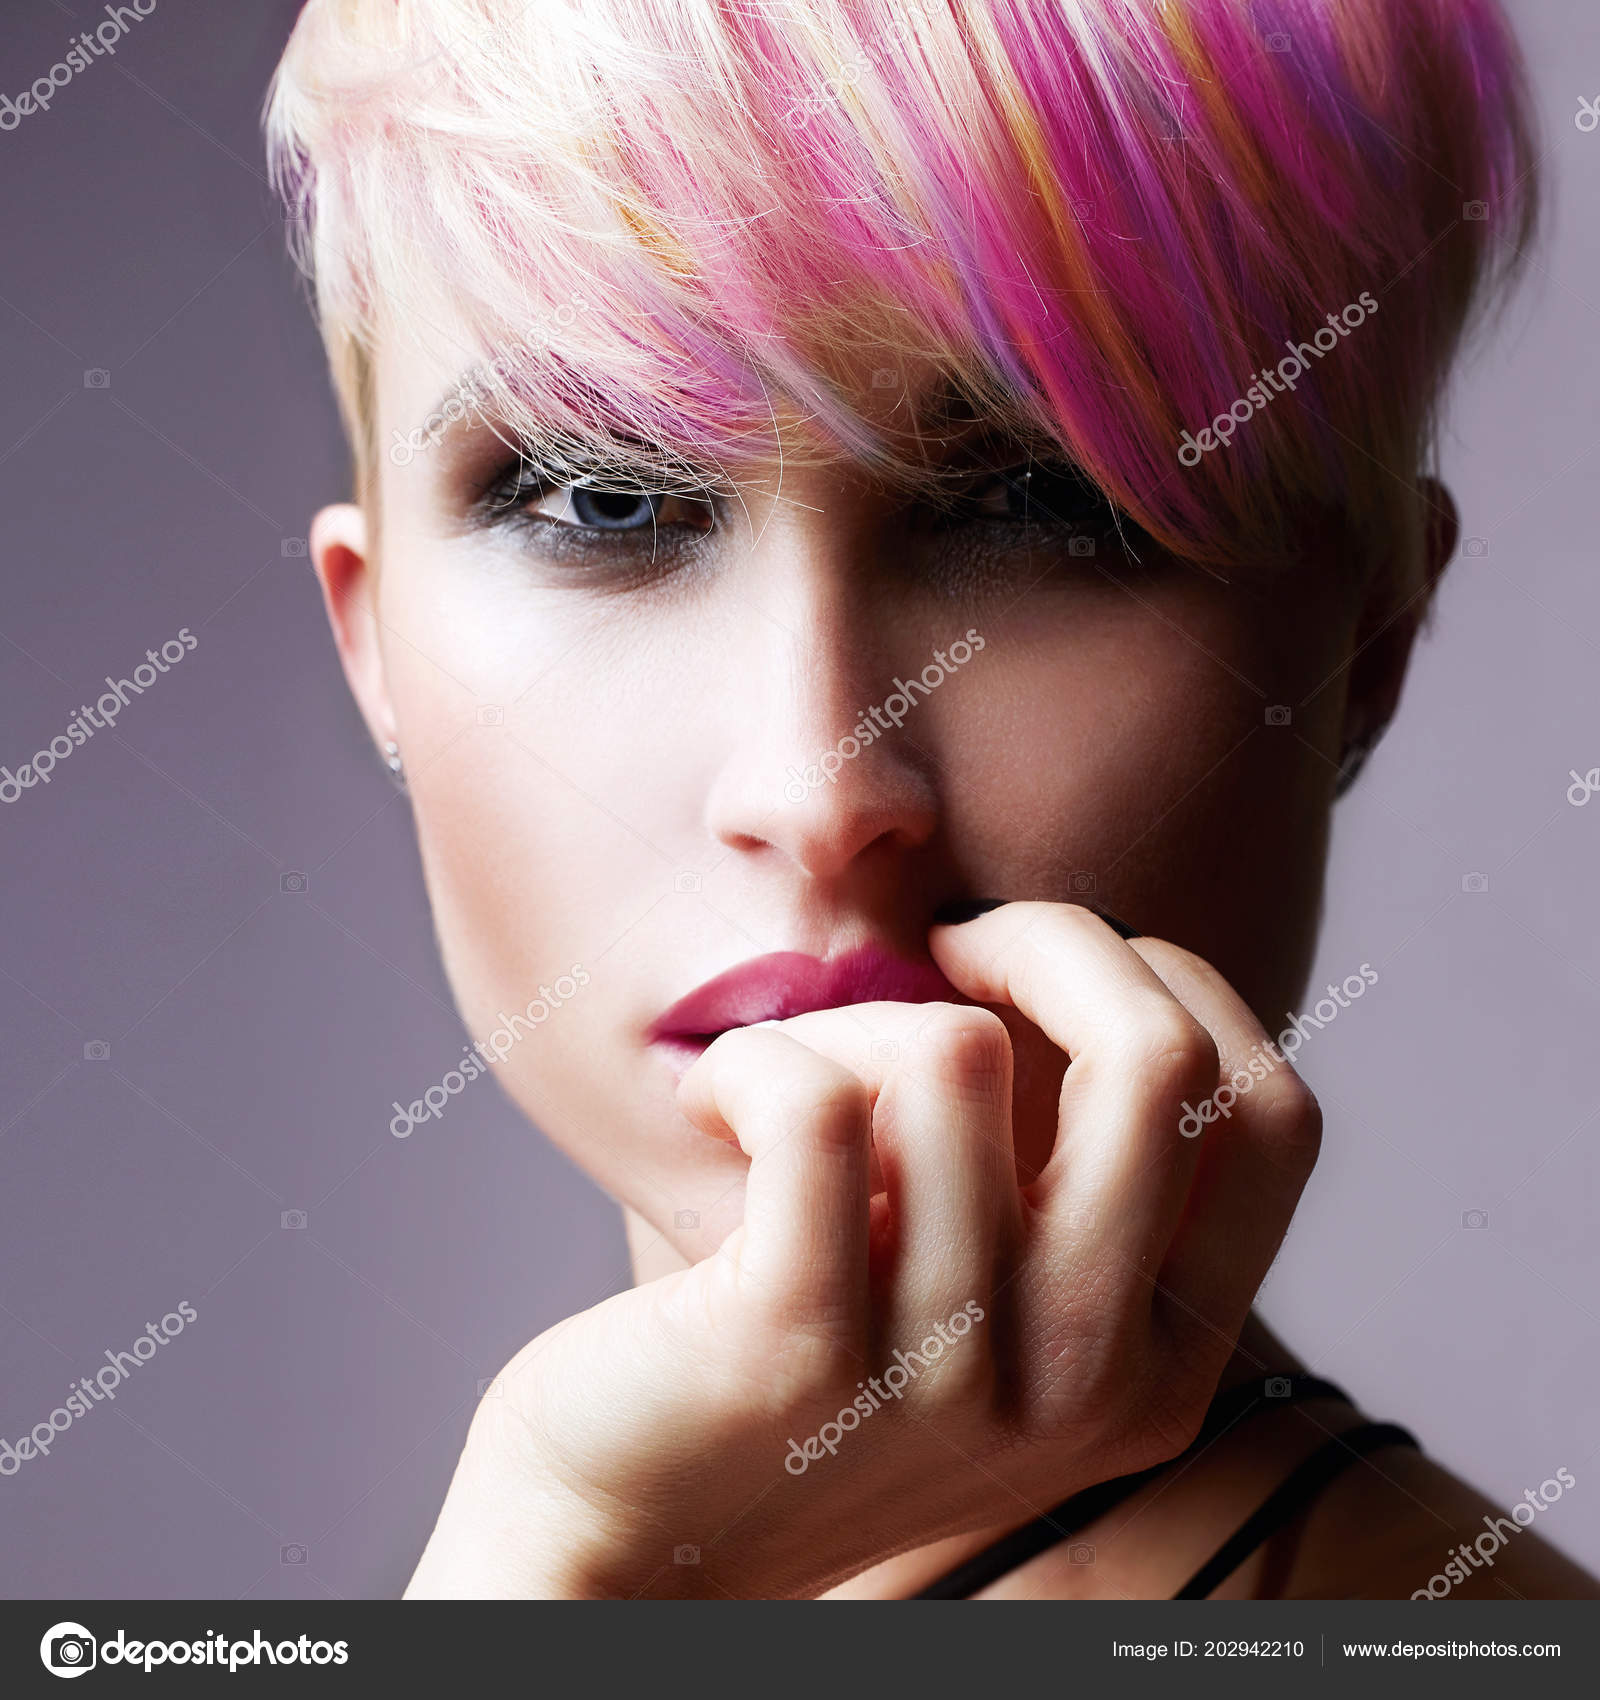 Kurze Haare Madchen Beauty Fashion Modell Madchen Mit Bunt Gefarbten